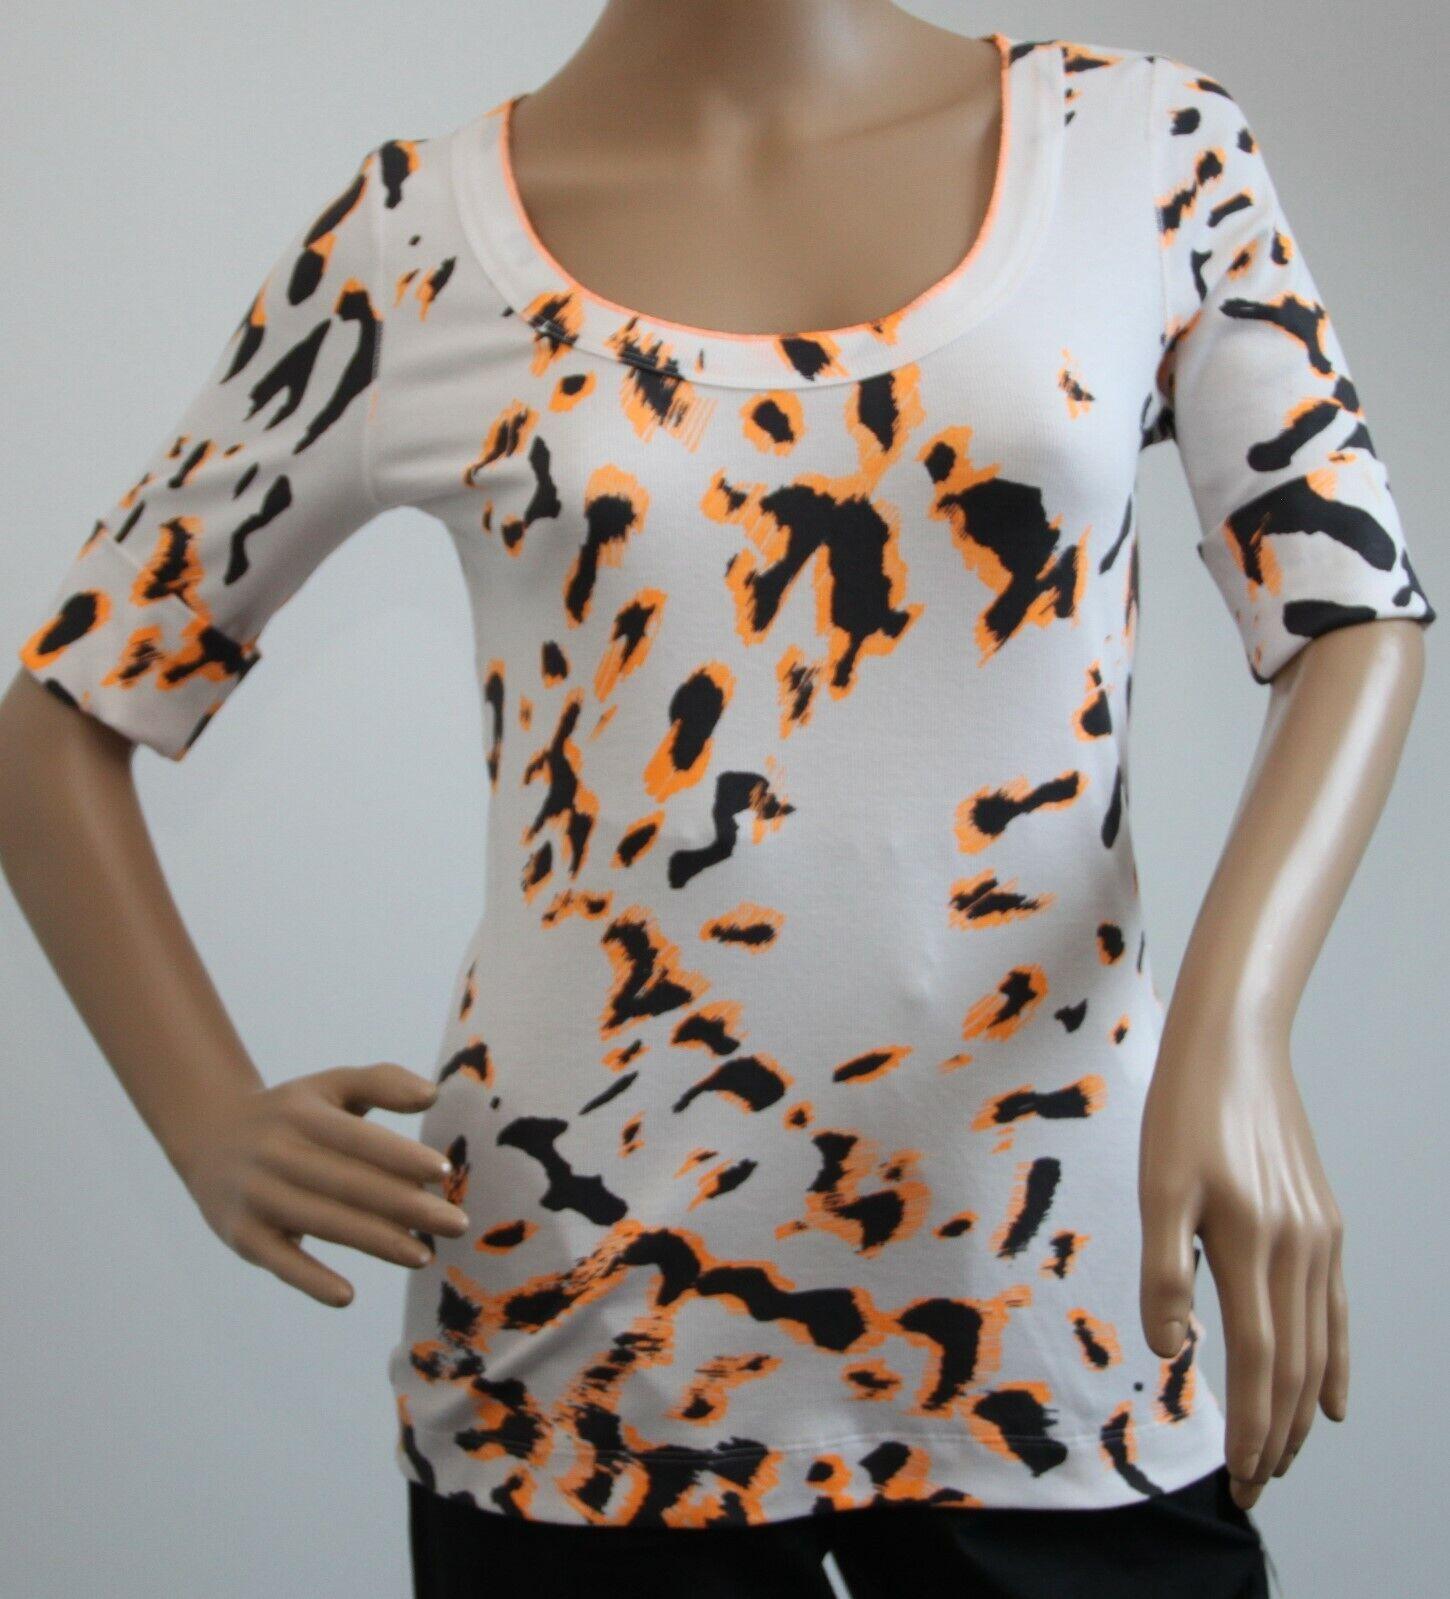 Neu Marc Cain Sports Shirt mit Animal Print Größe N3 38 mit Etikett